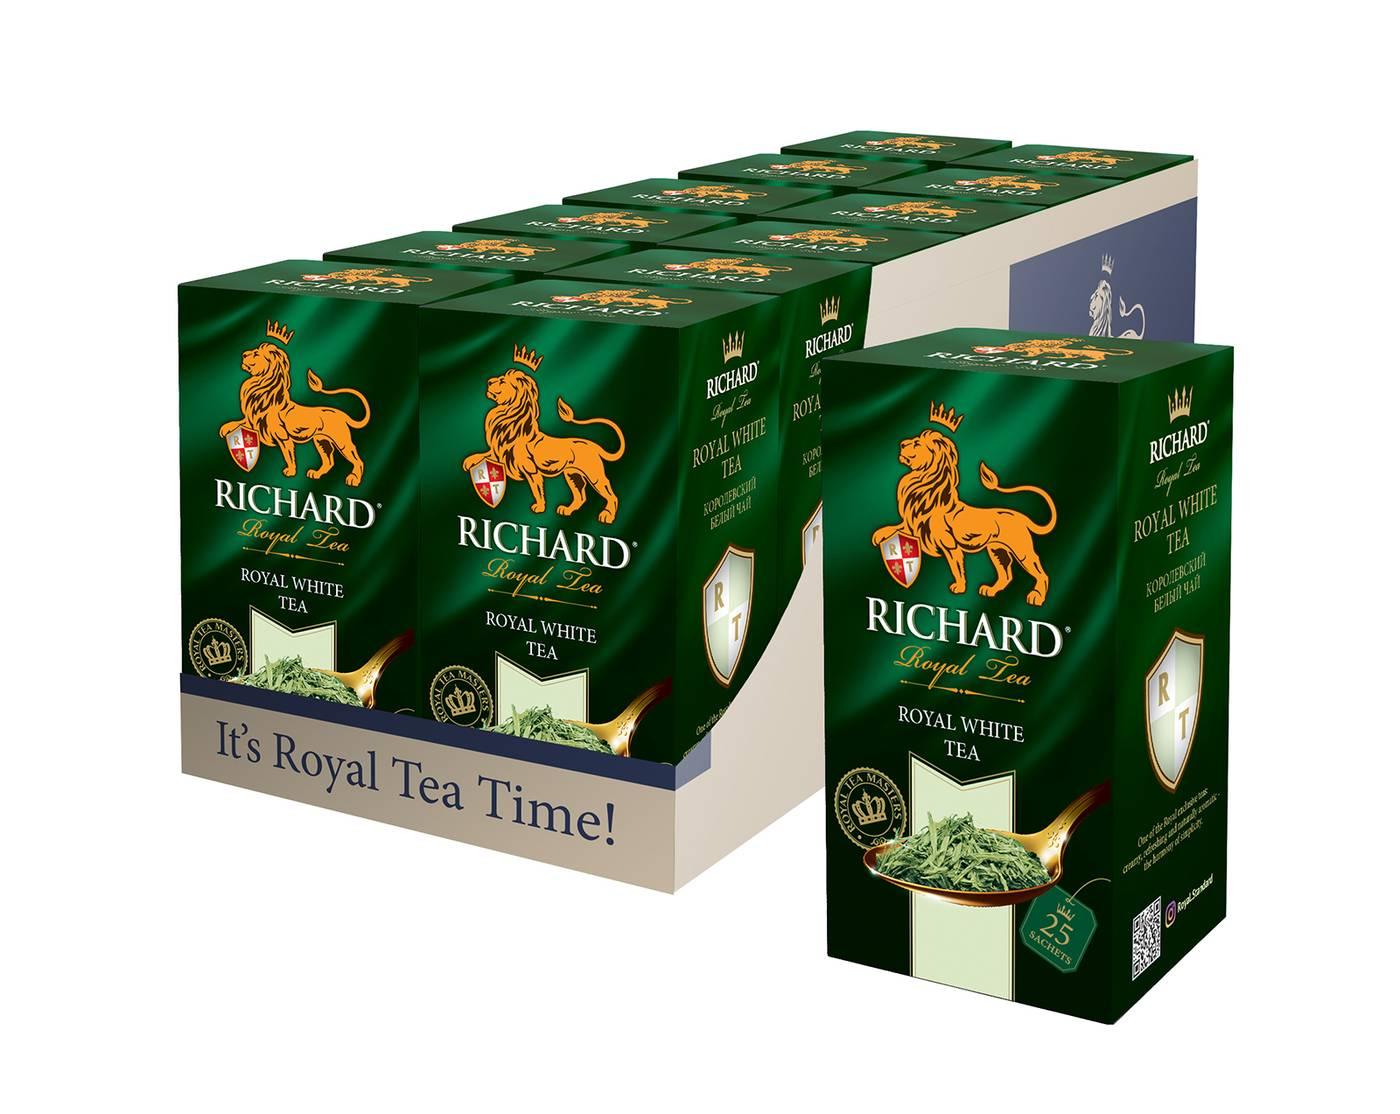 История королевского чая ричард, обзор ассортимента и отзывы. richard - королевский чай, как сообщает нам реклама